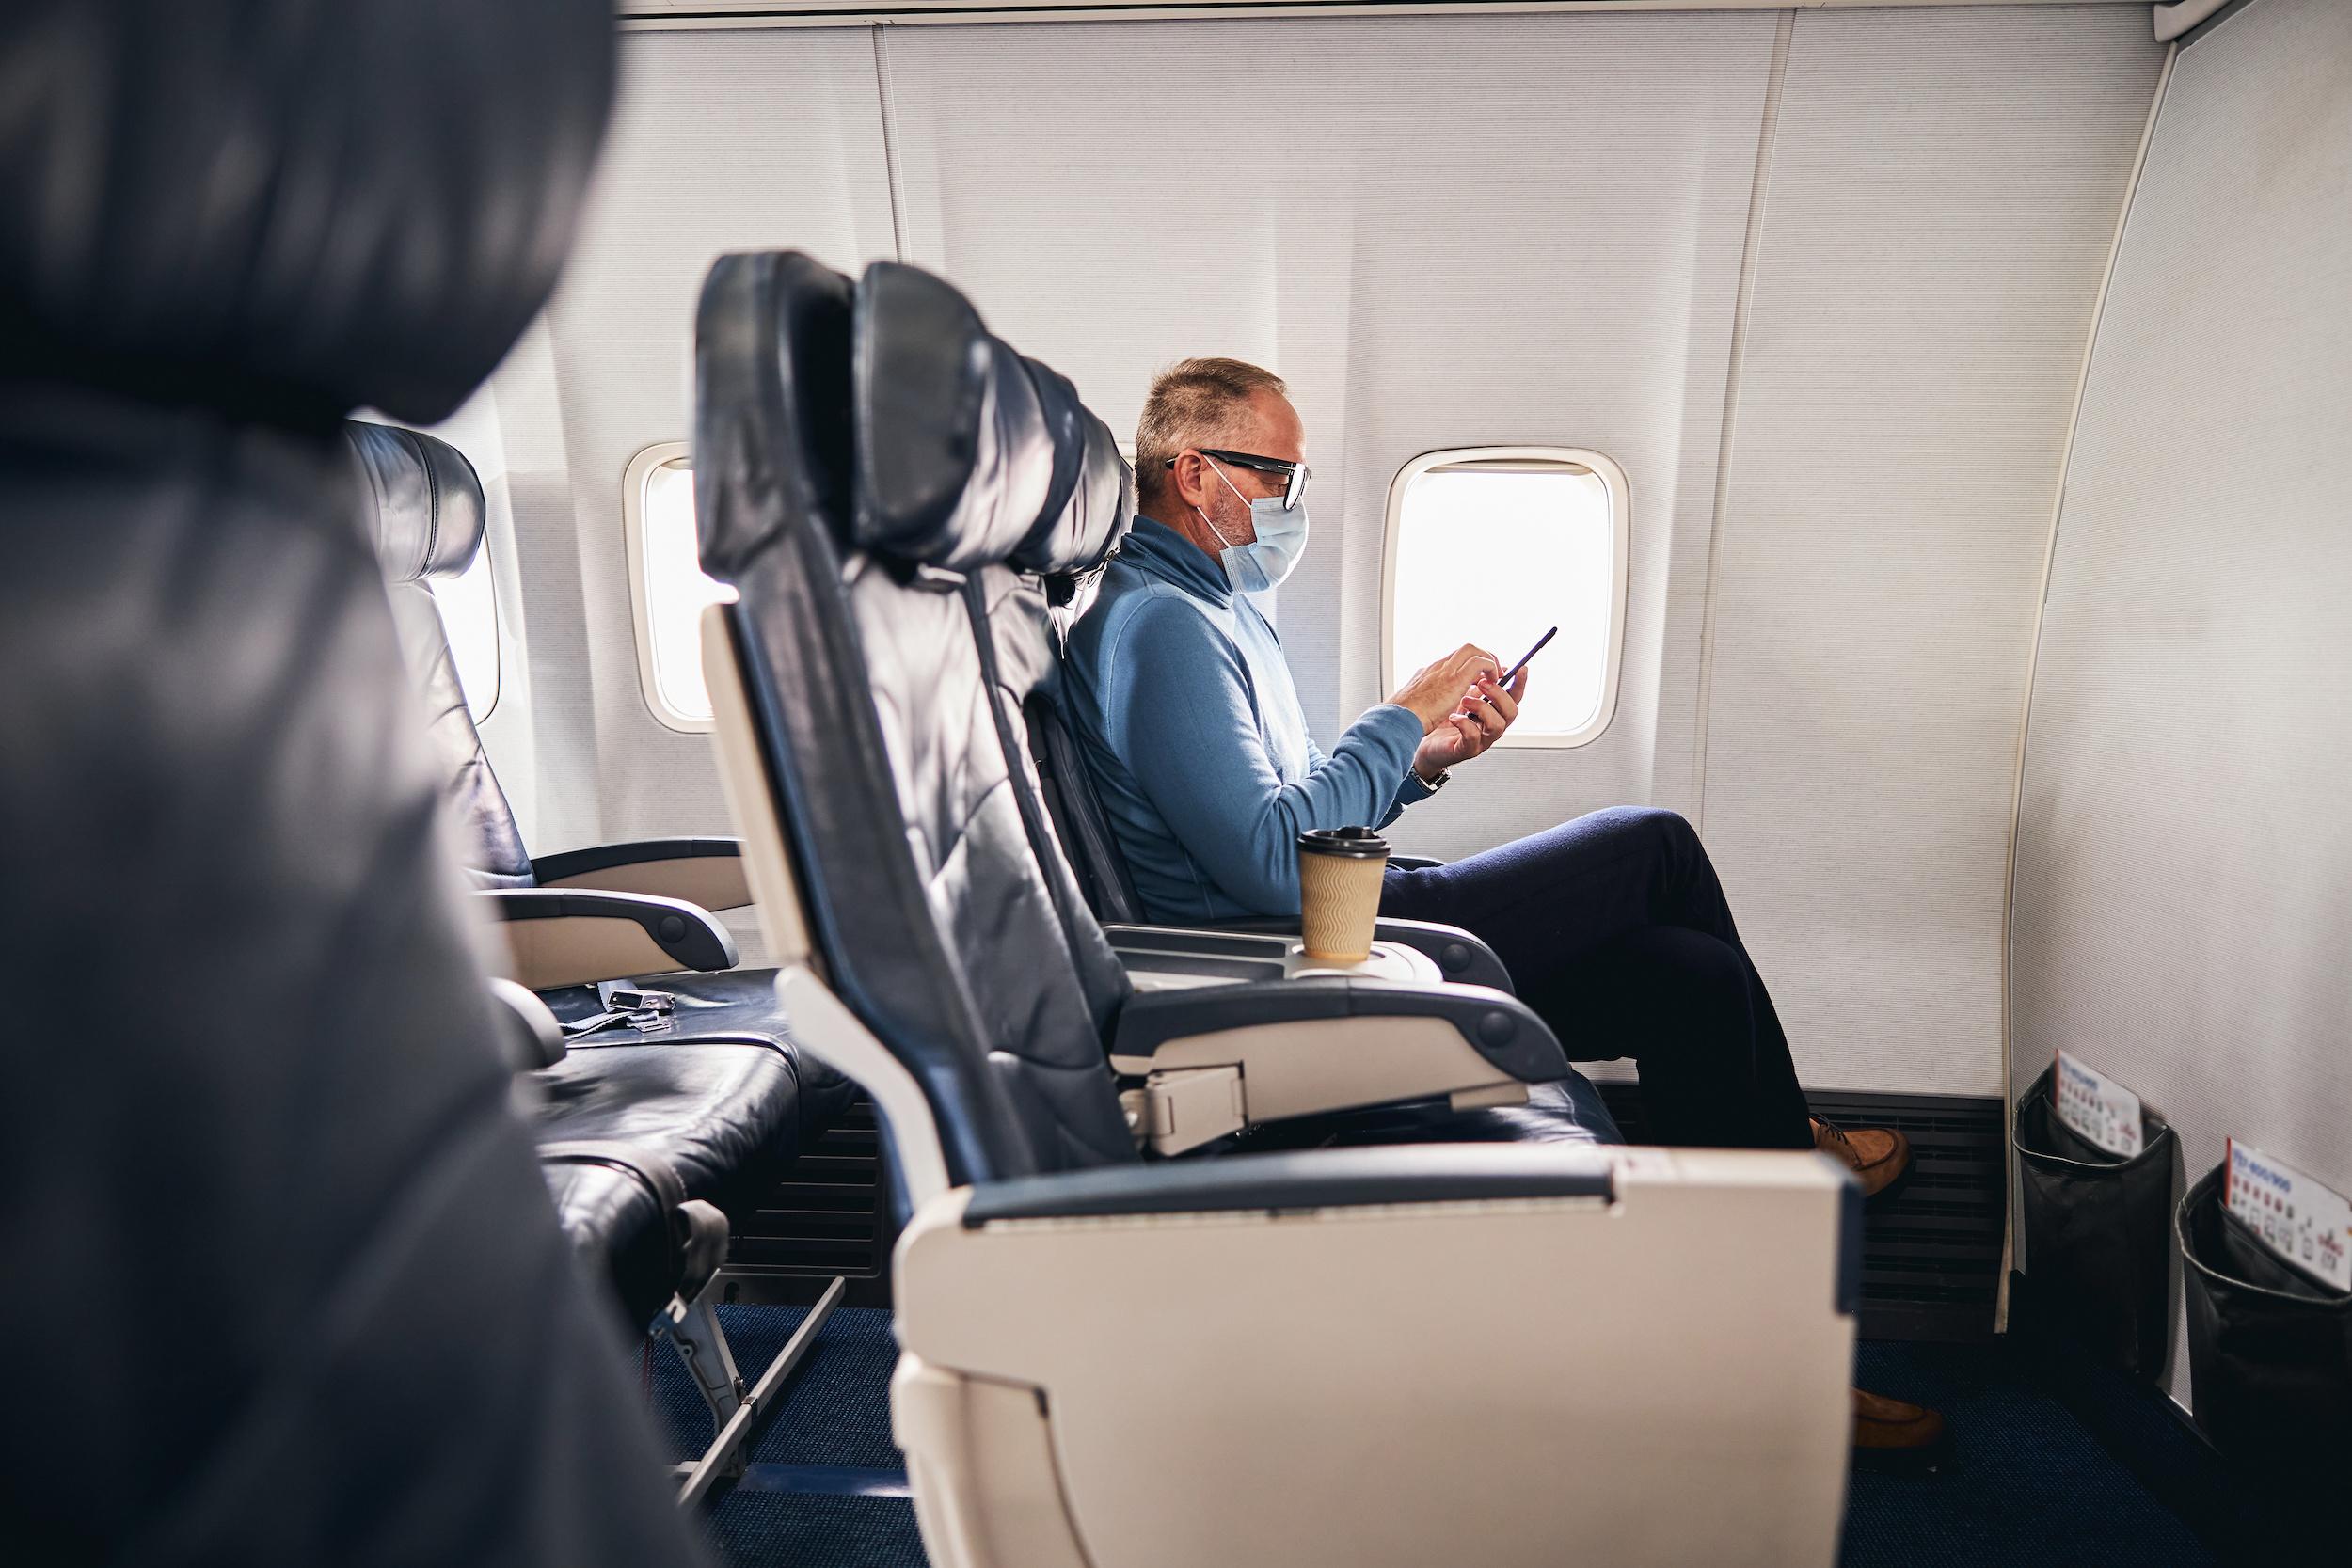 Passenger using phone.